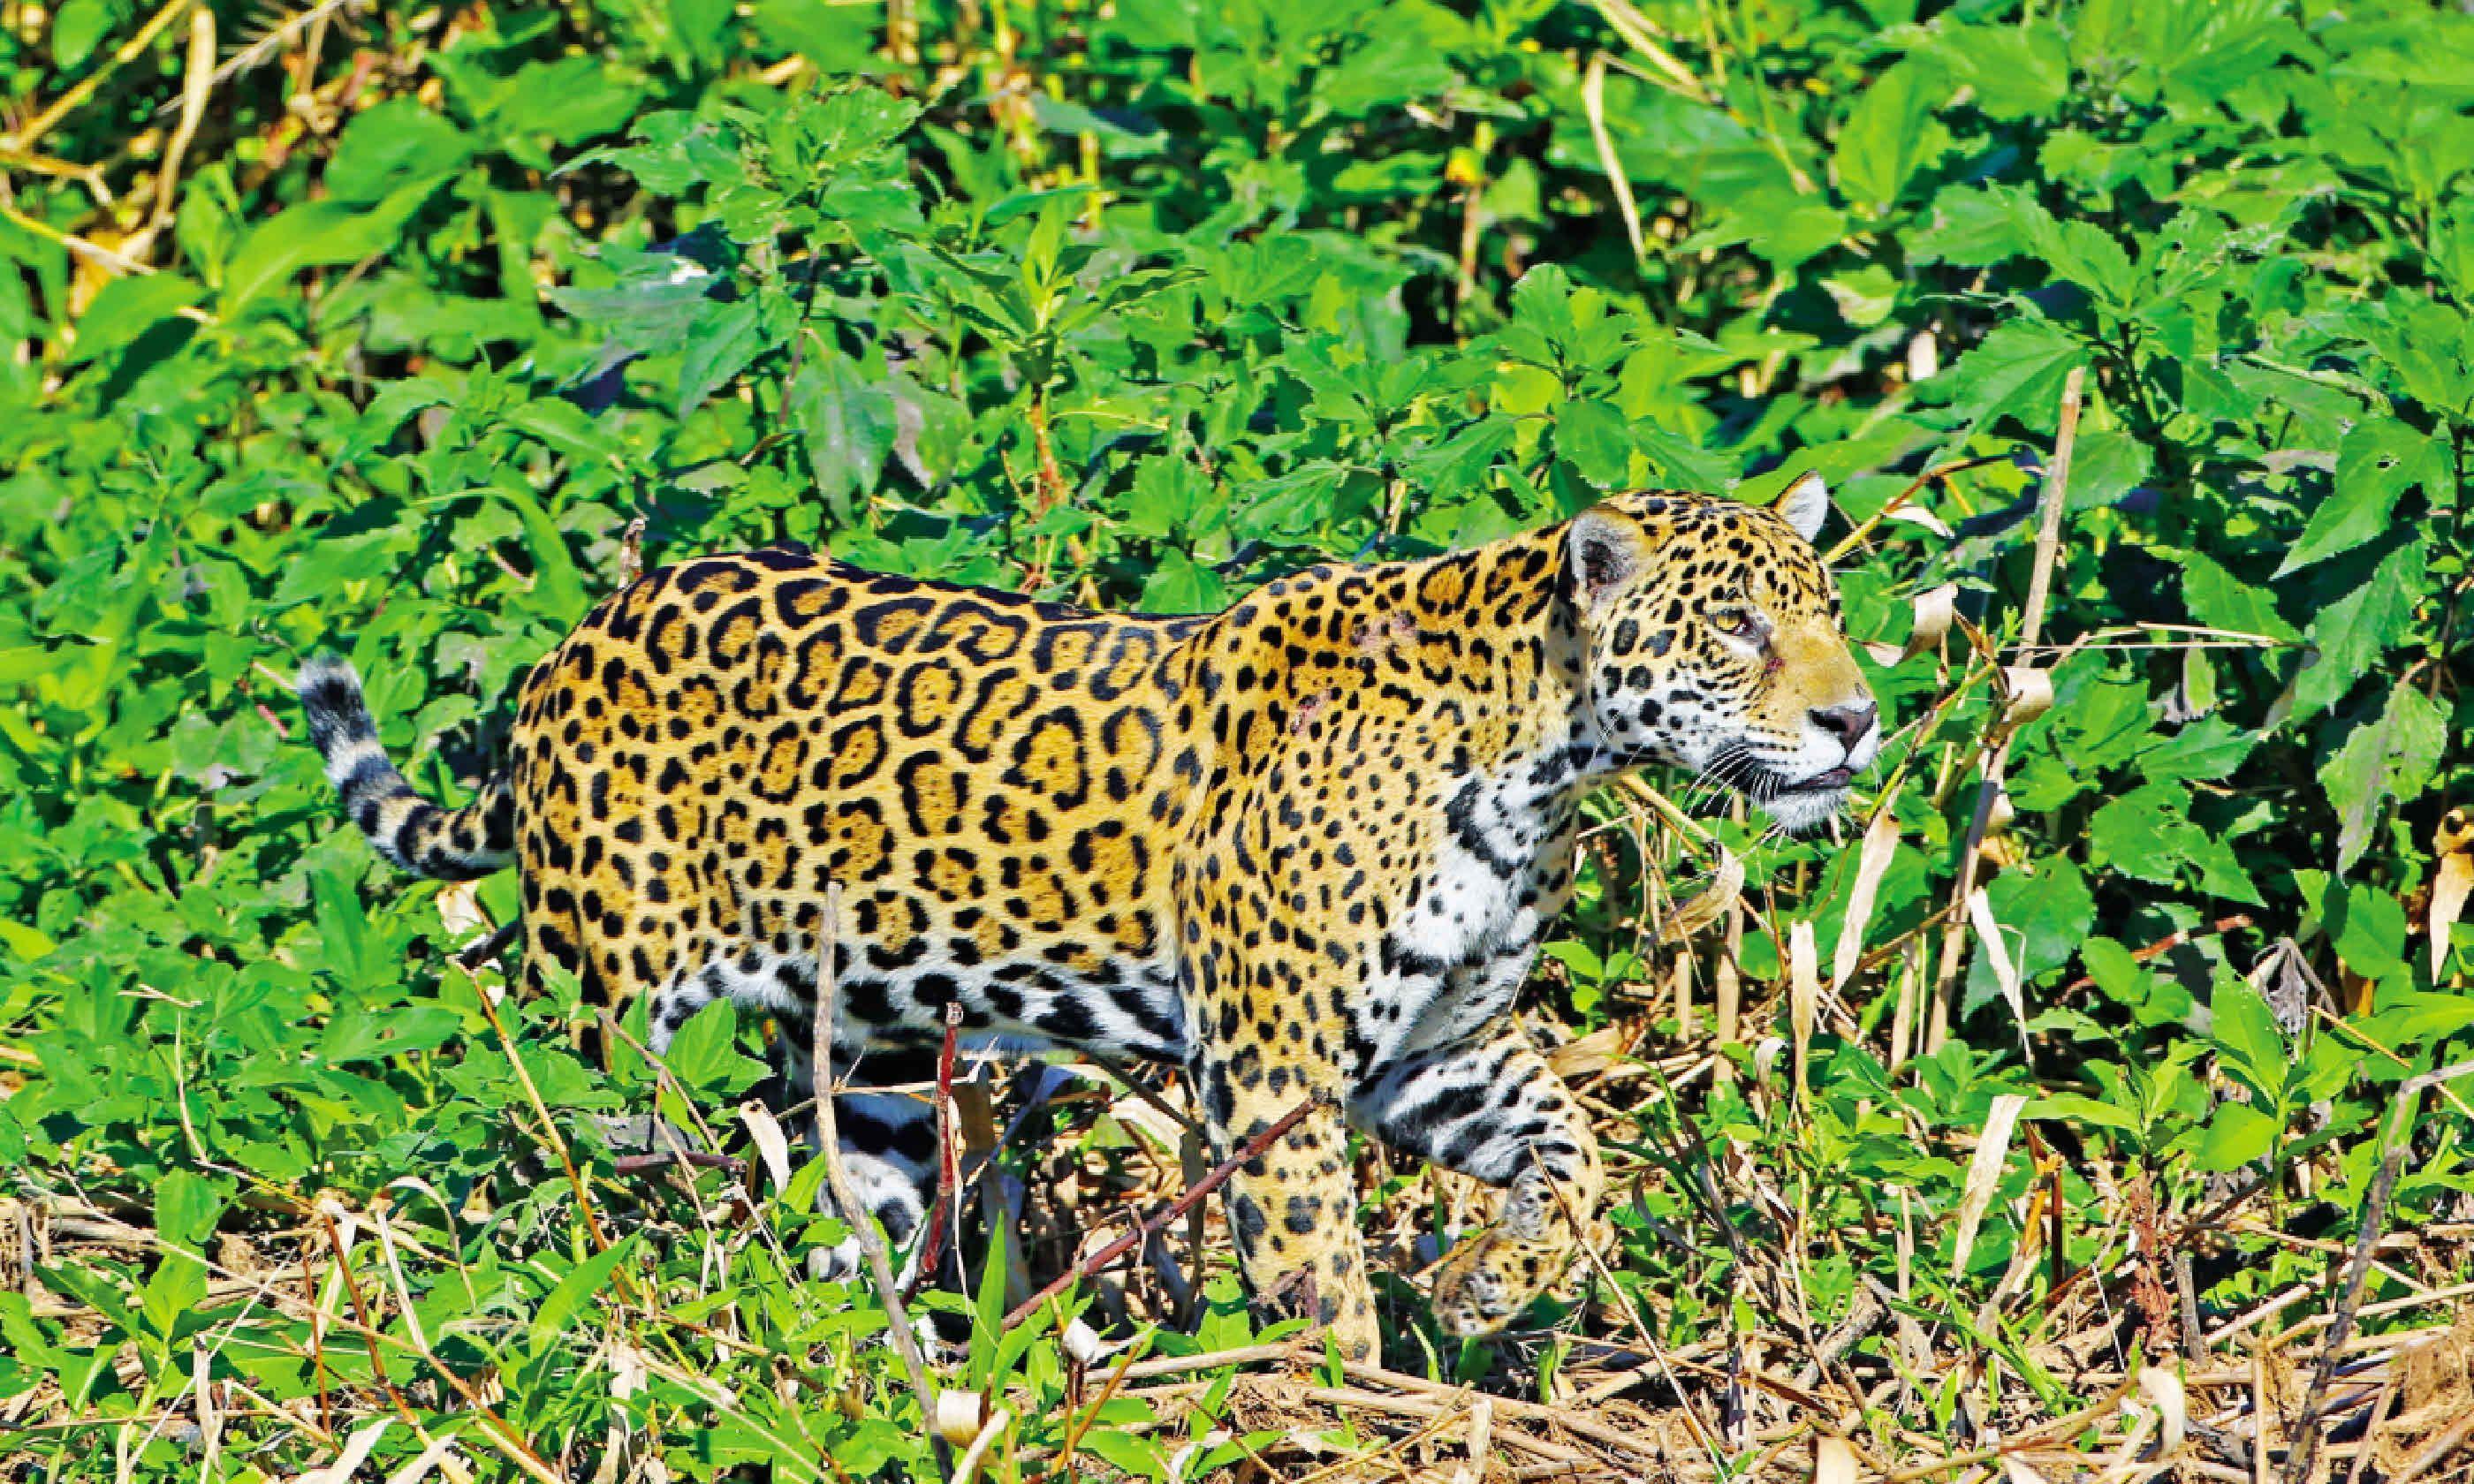 Jaguar in Brazil